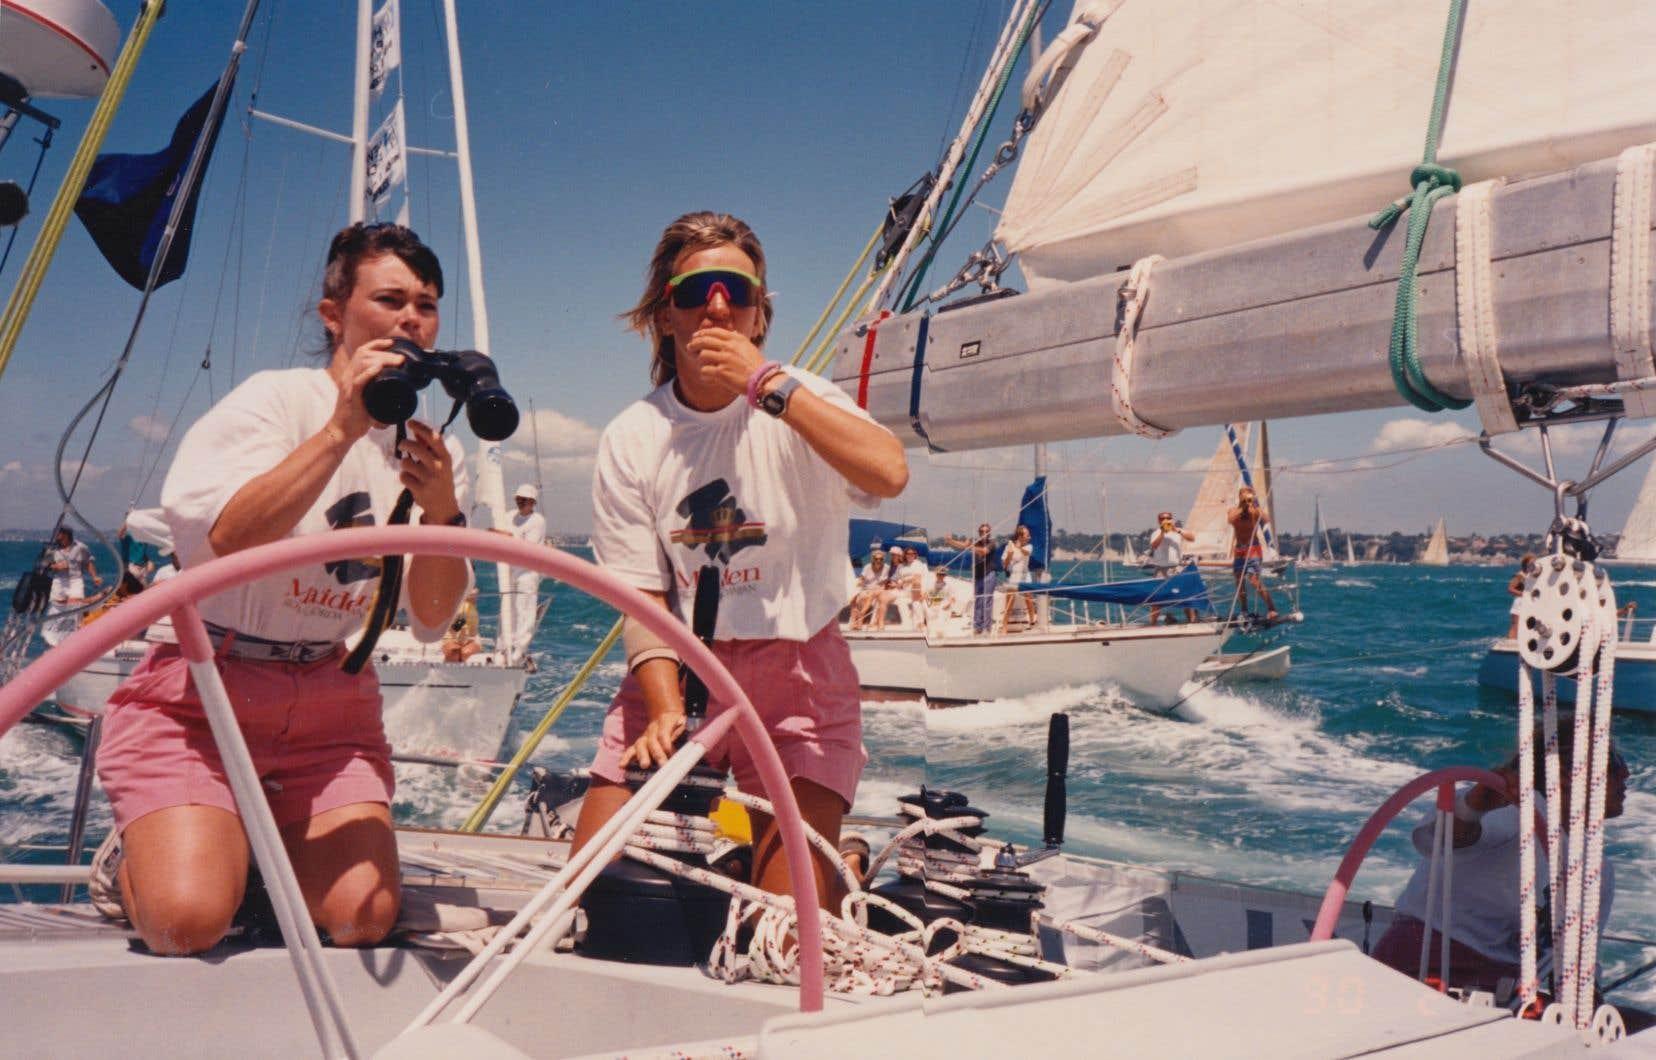 Pour la capitaine du yacht composé d'une équipe féminine lors du Whitbread Round the World Race 1989, remporter cette course est le résultat des efforts d'un groupe de femmes déterminées.